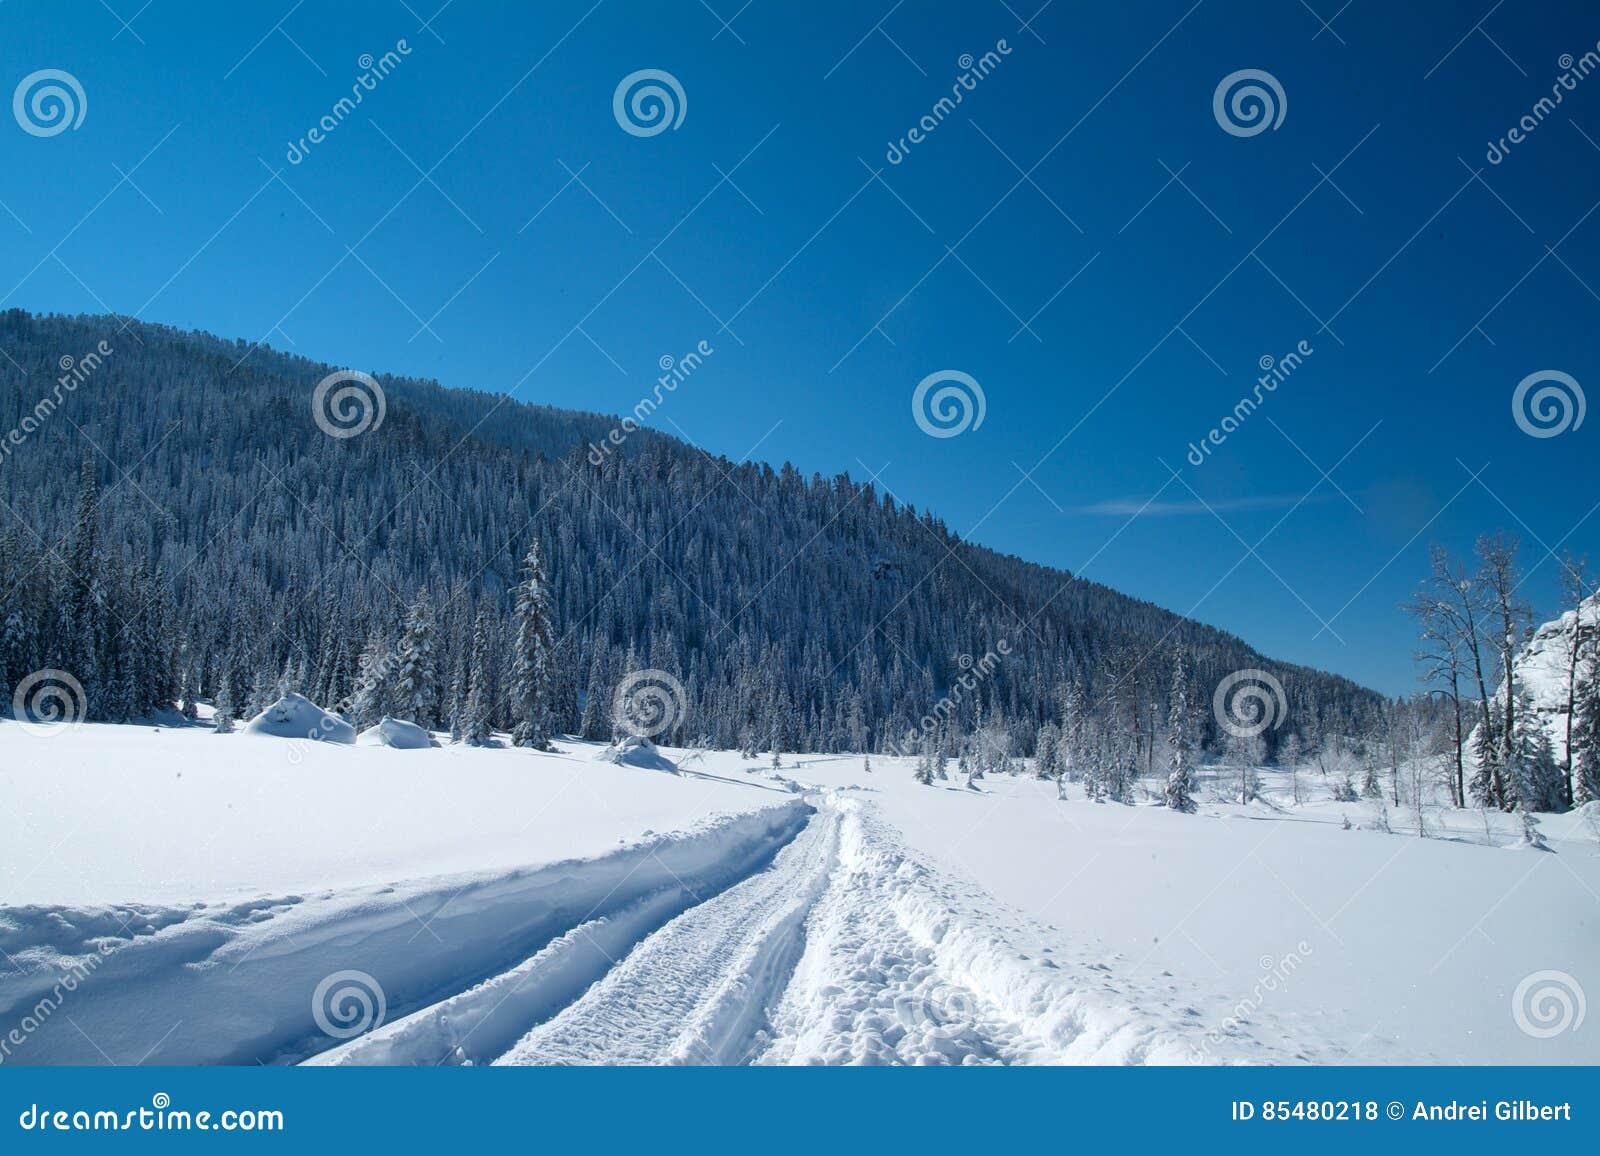 Σημάδι διαδρομής οχήματος για το χιόνι στο χιόνι ενάντια στα βουνά και έναν μπλε ουρανό